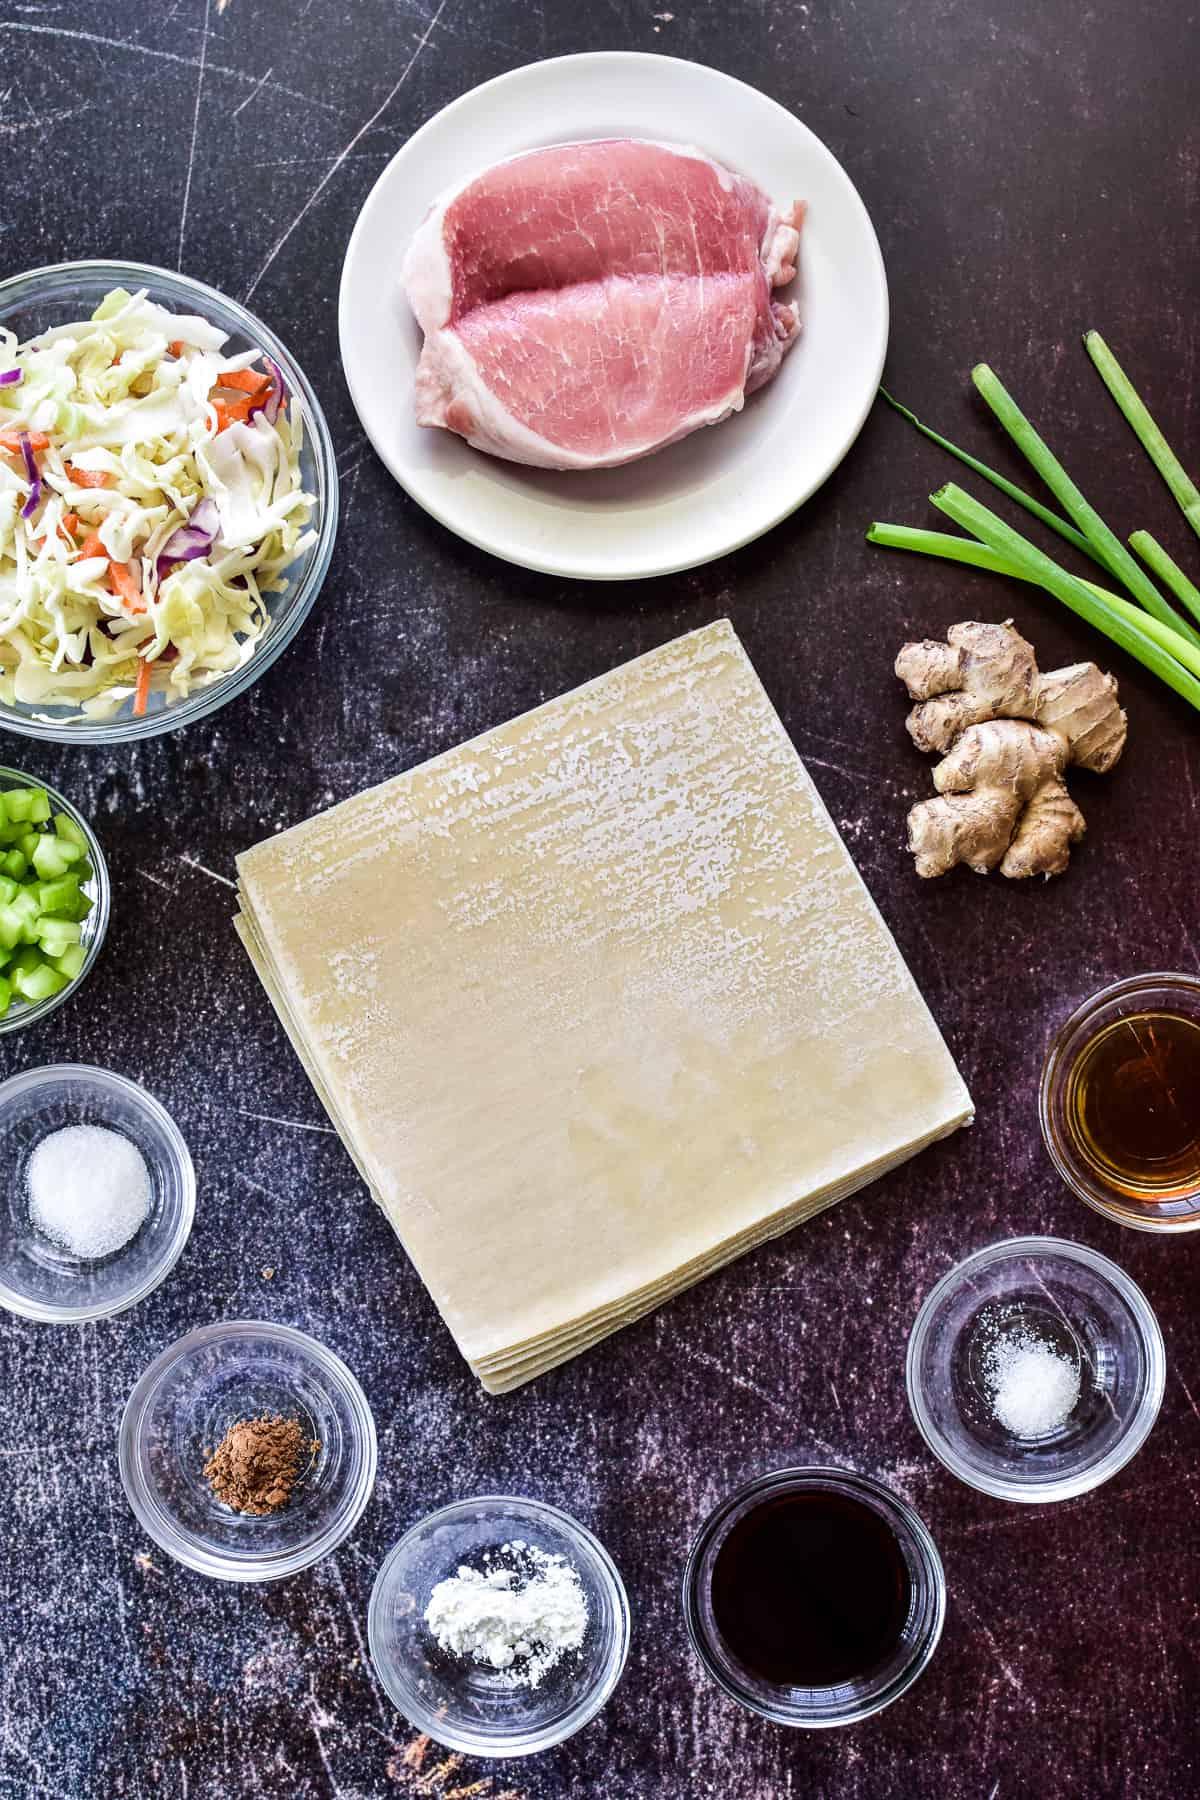 Pork Egg Roll ingredients